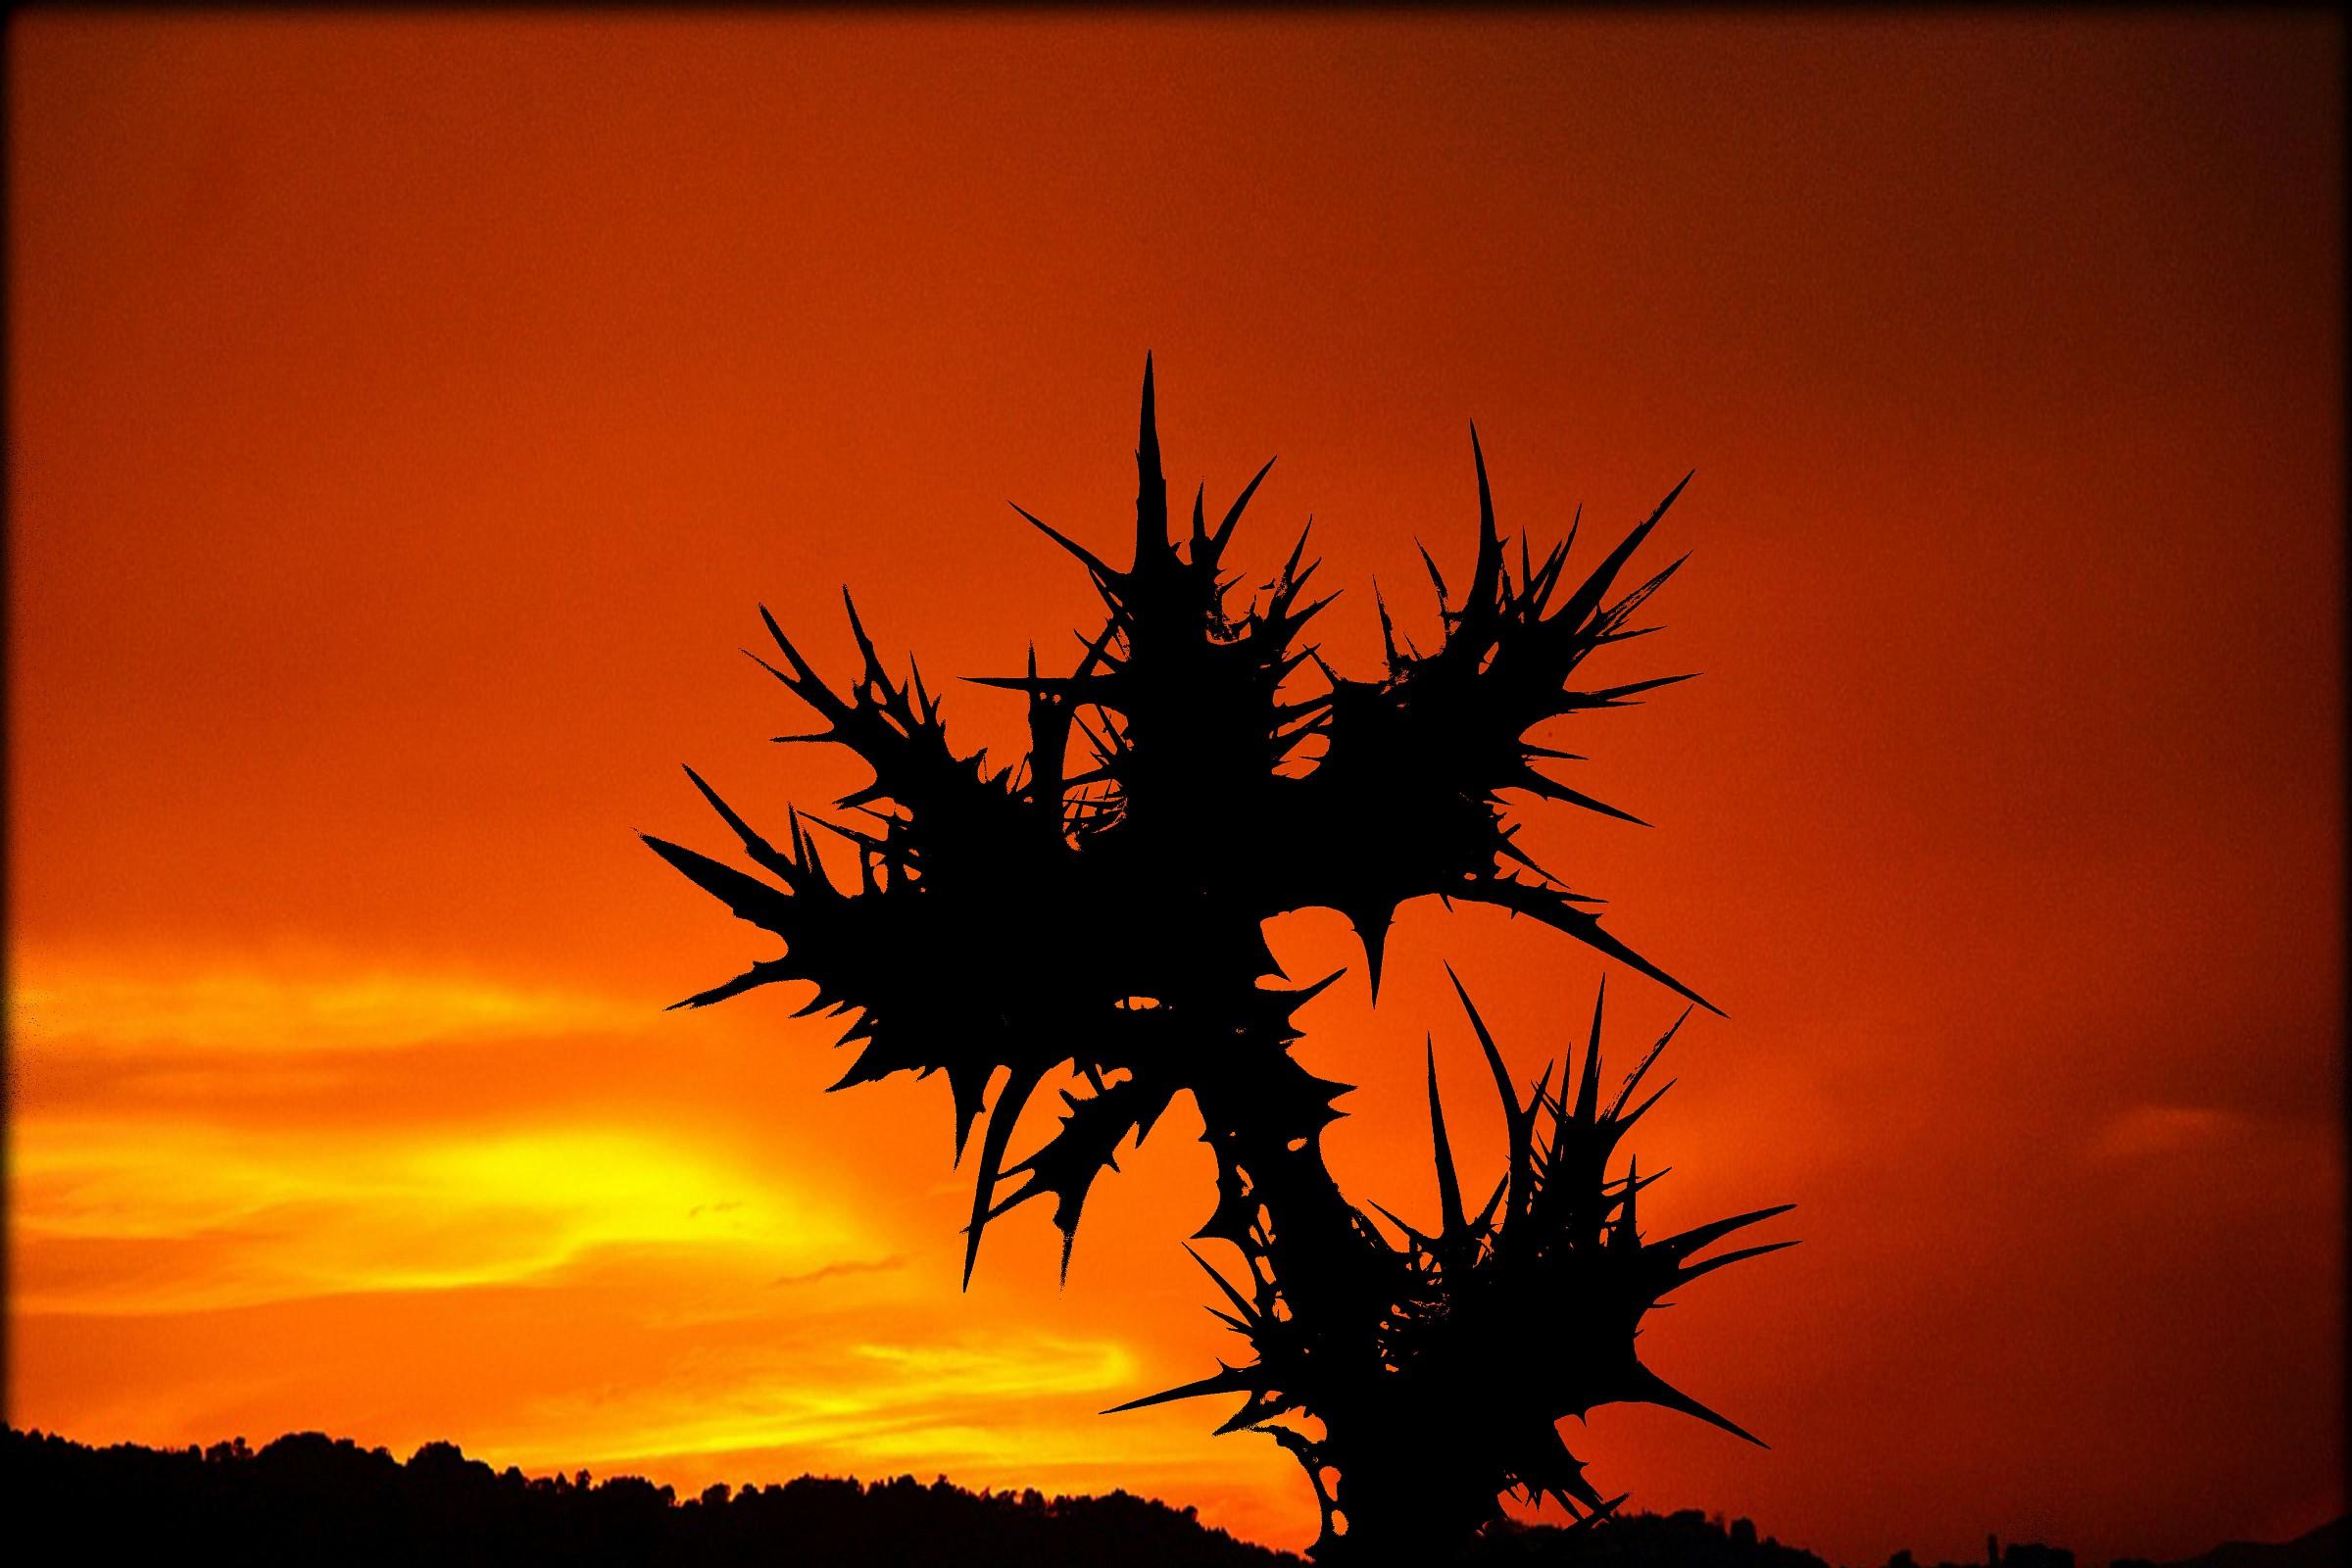 a particular sunset...